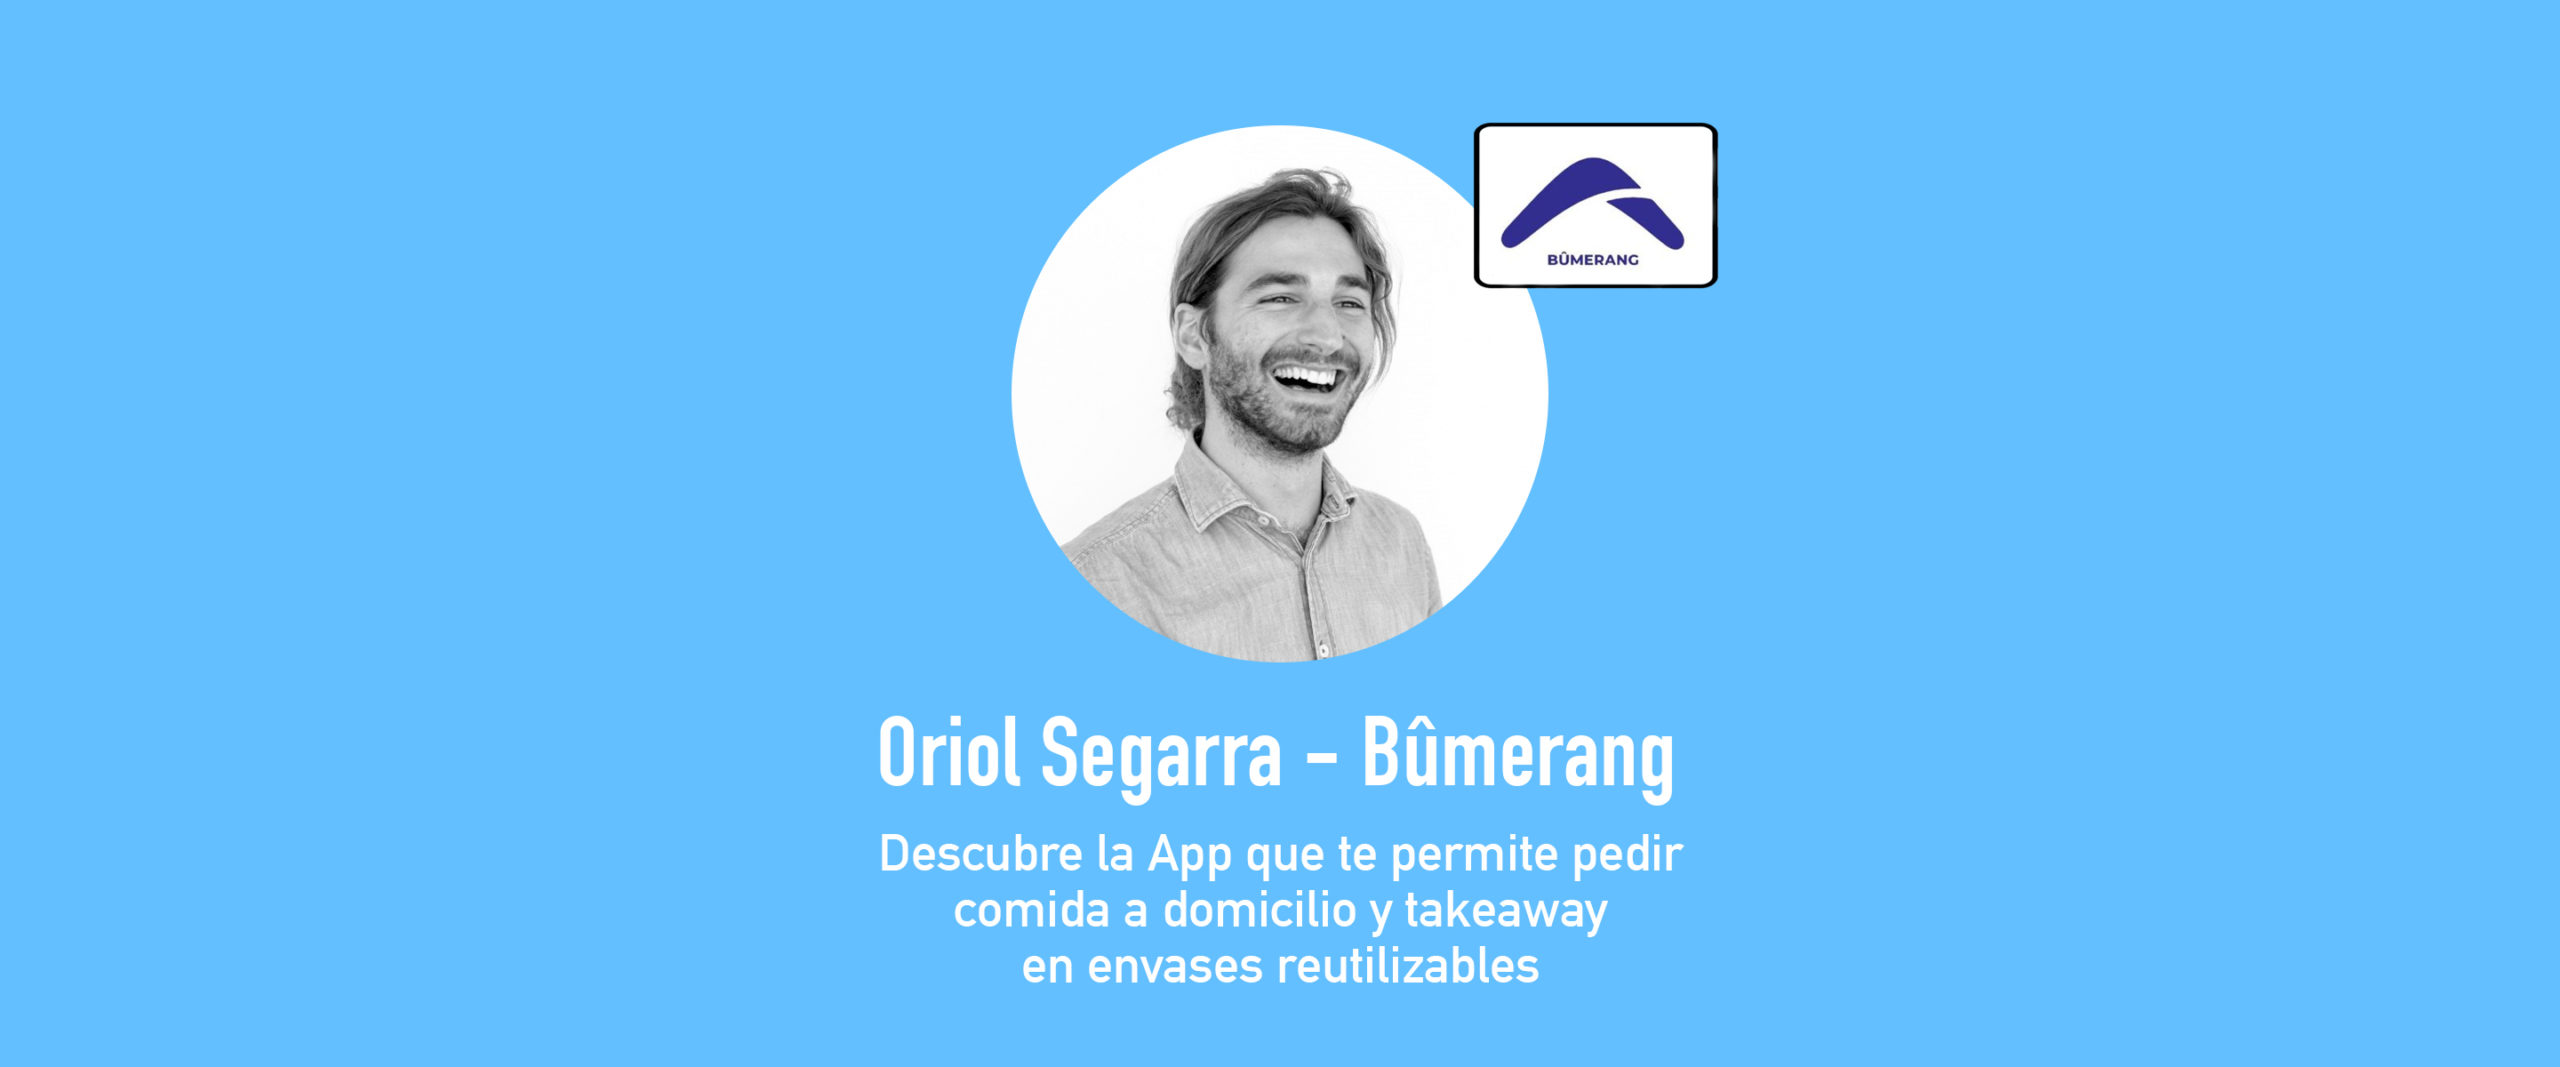 Entrevista con Oriol Segarra, CEO de Bûmerang, la App para pedir comida en envases reutilizables